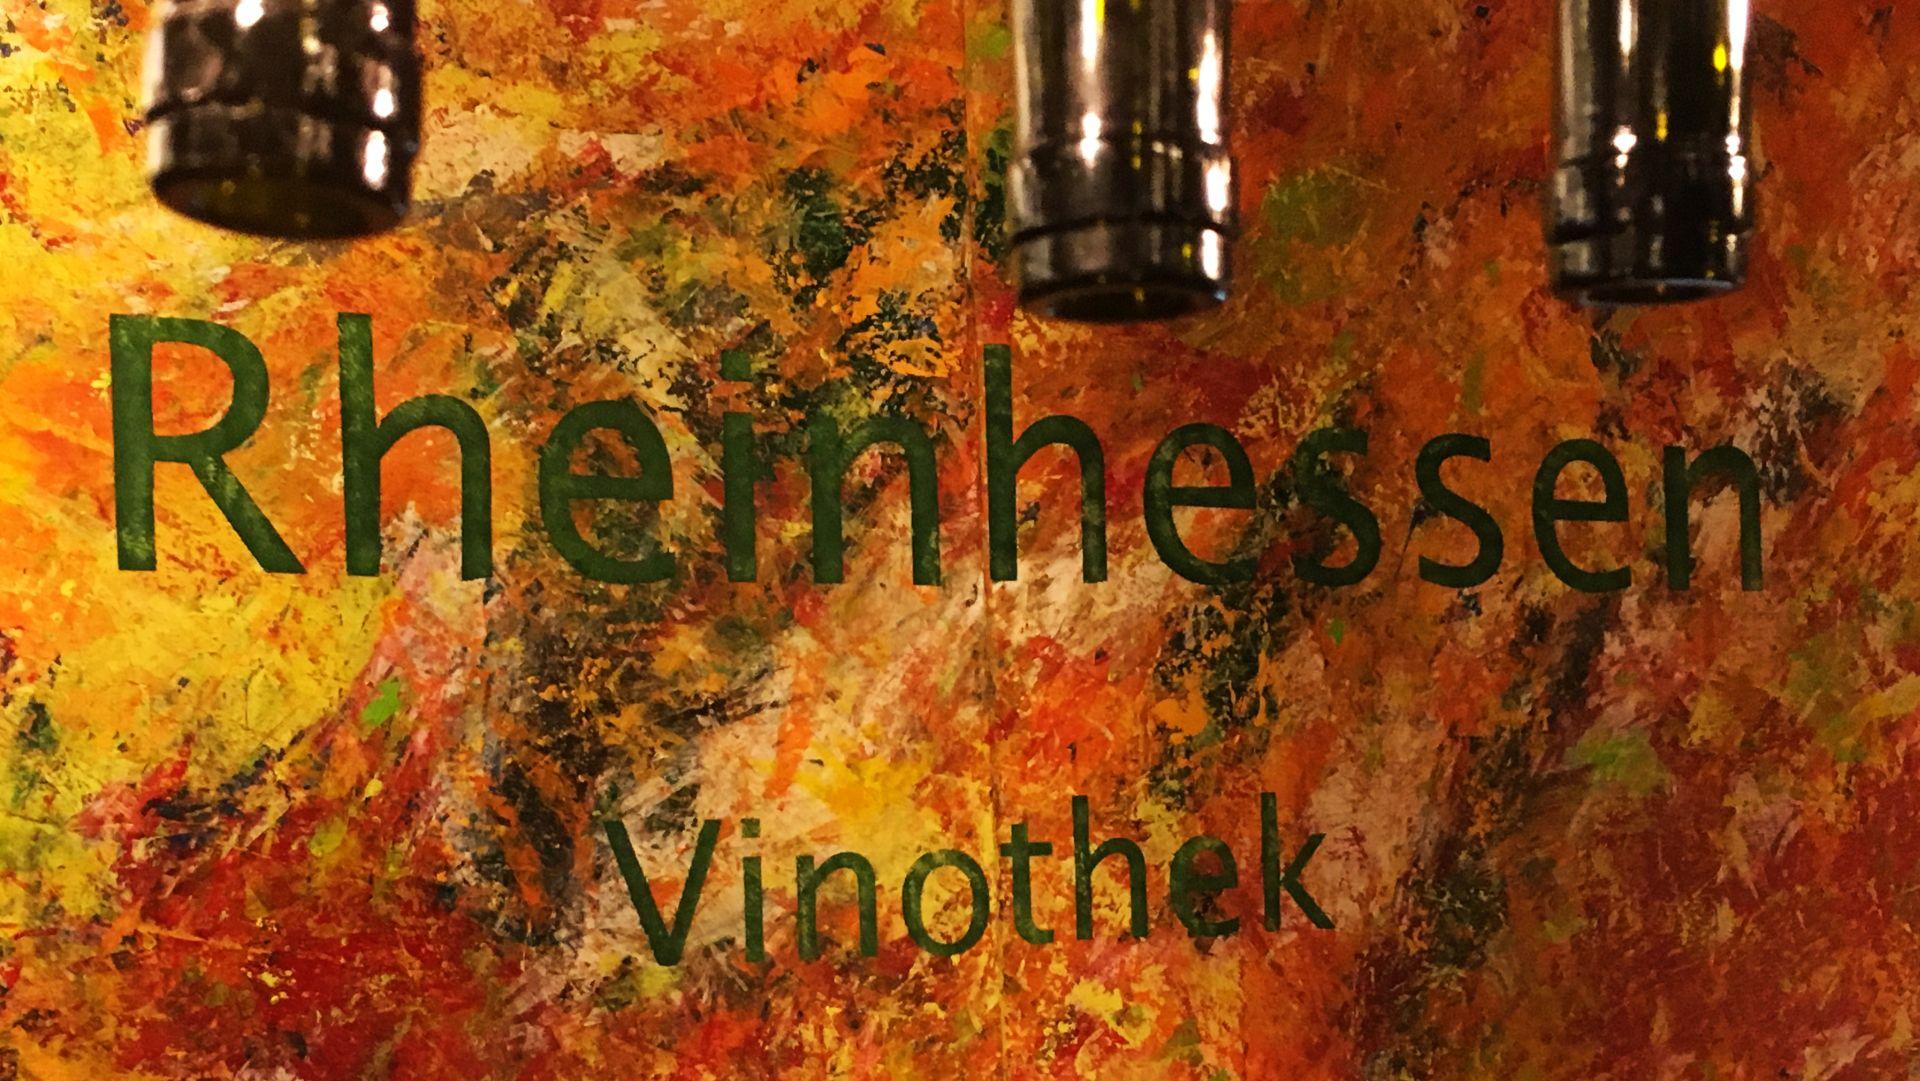 Rheinhesssen Vinothek Weintasting